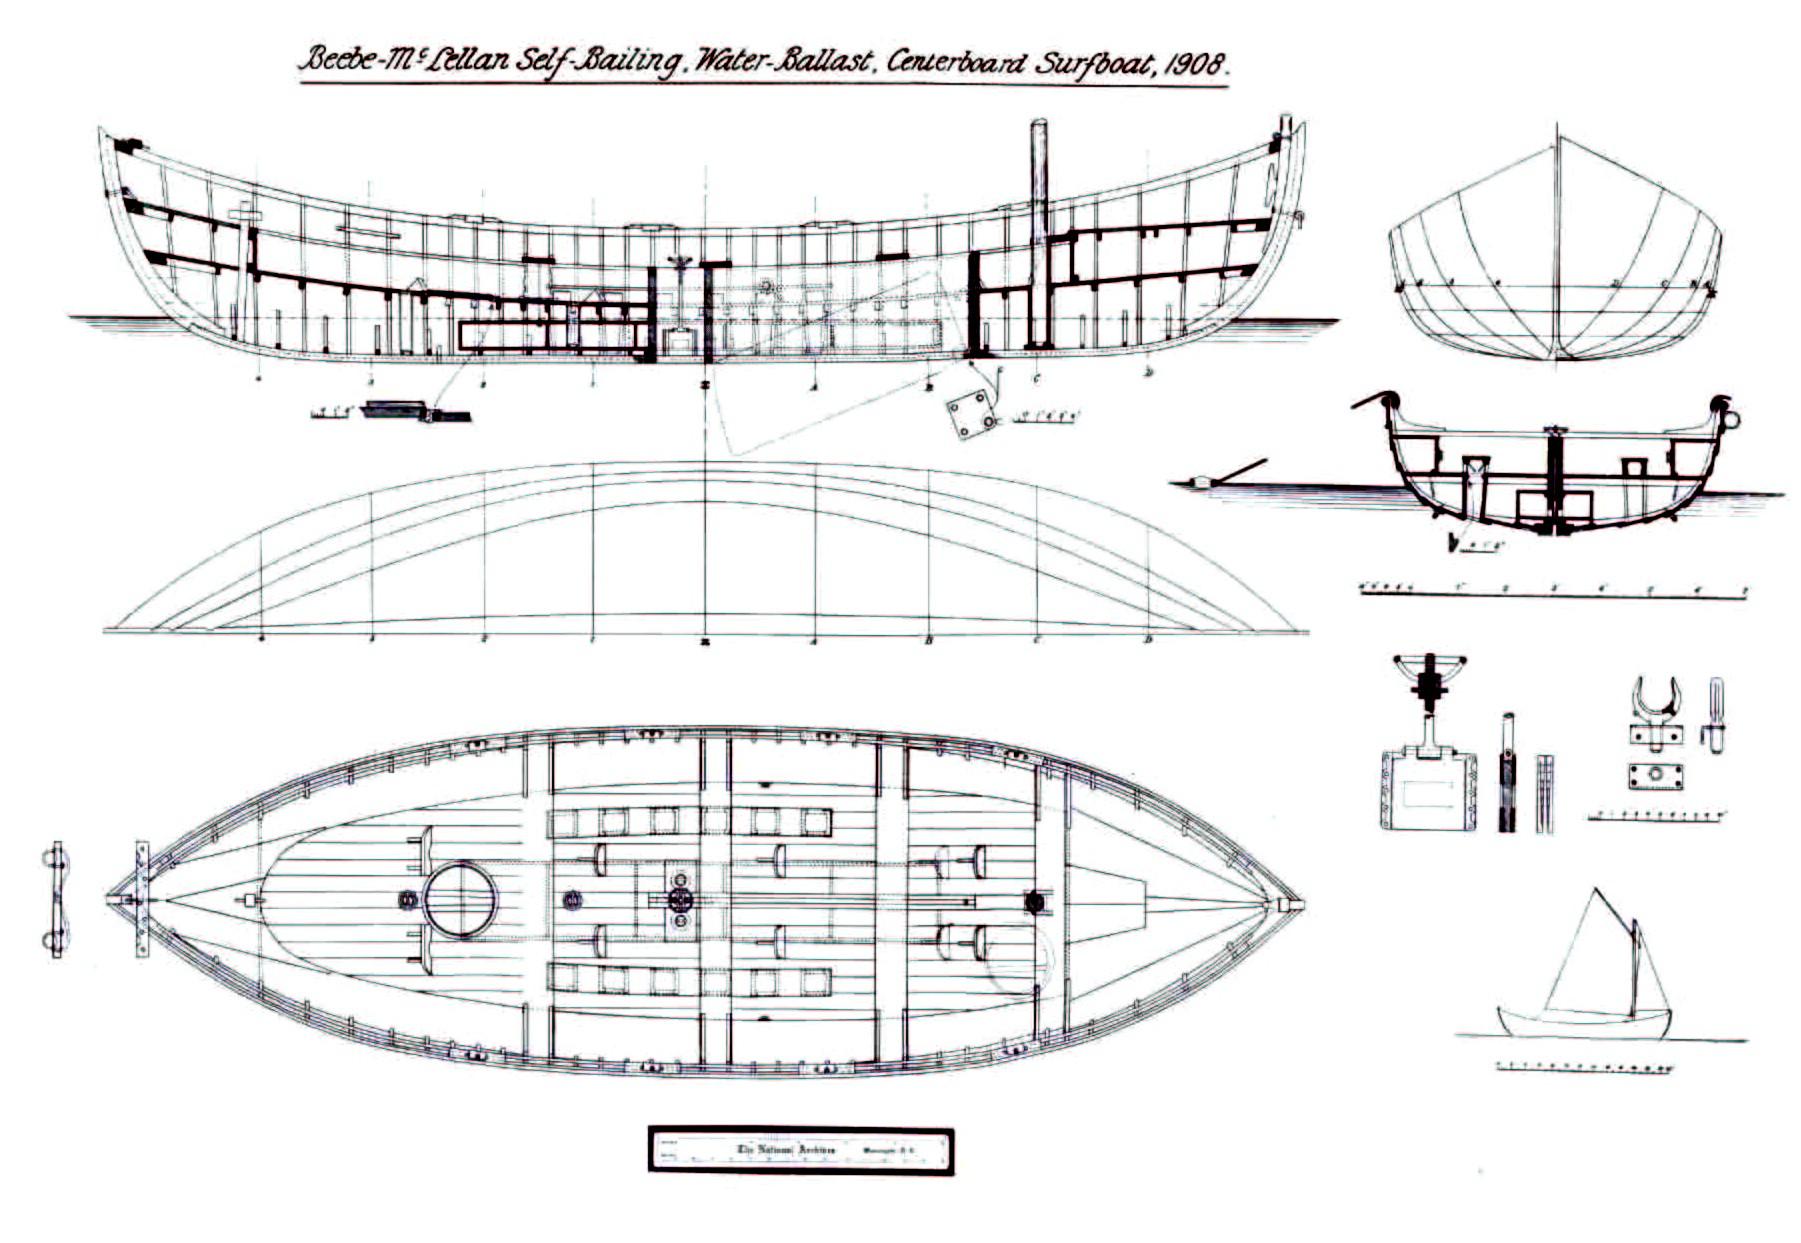 glastron boat wiring diagram glastron boat brochure elsavadorla